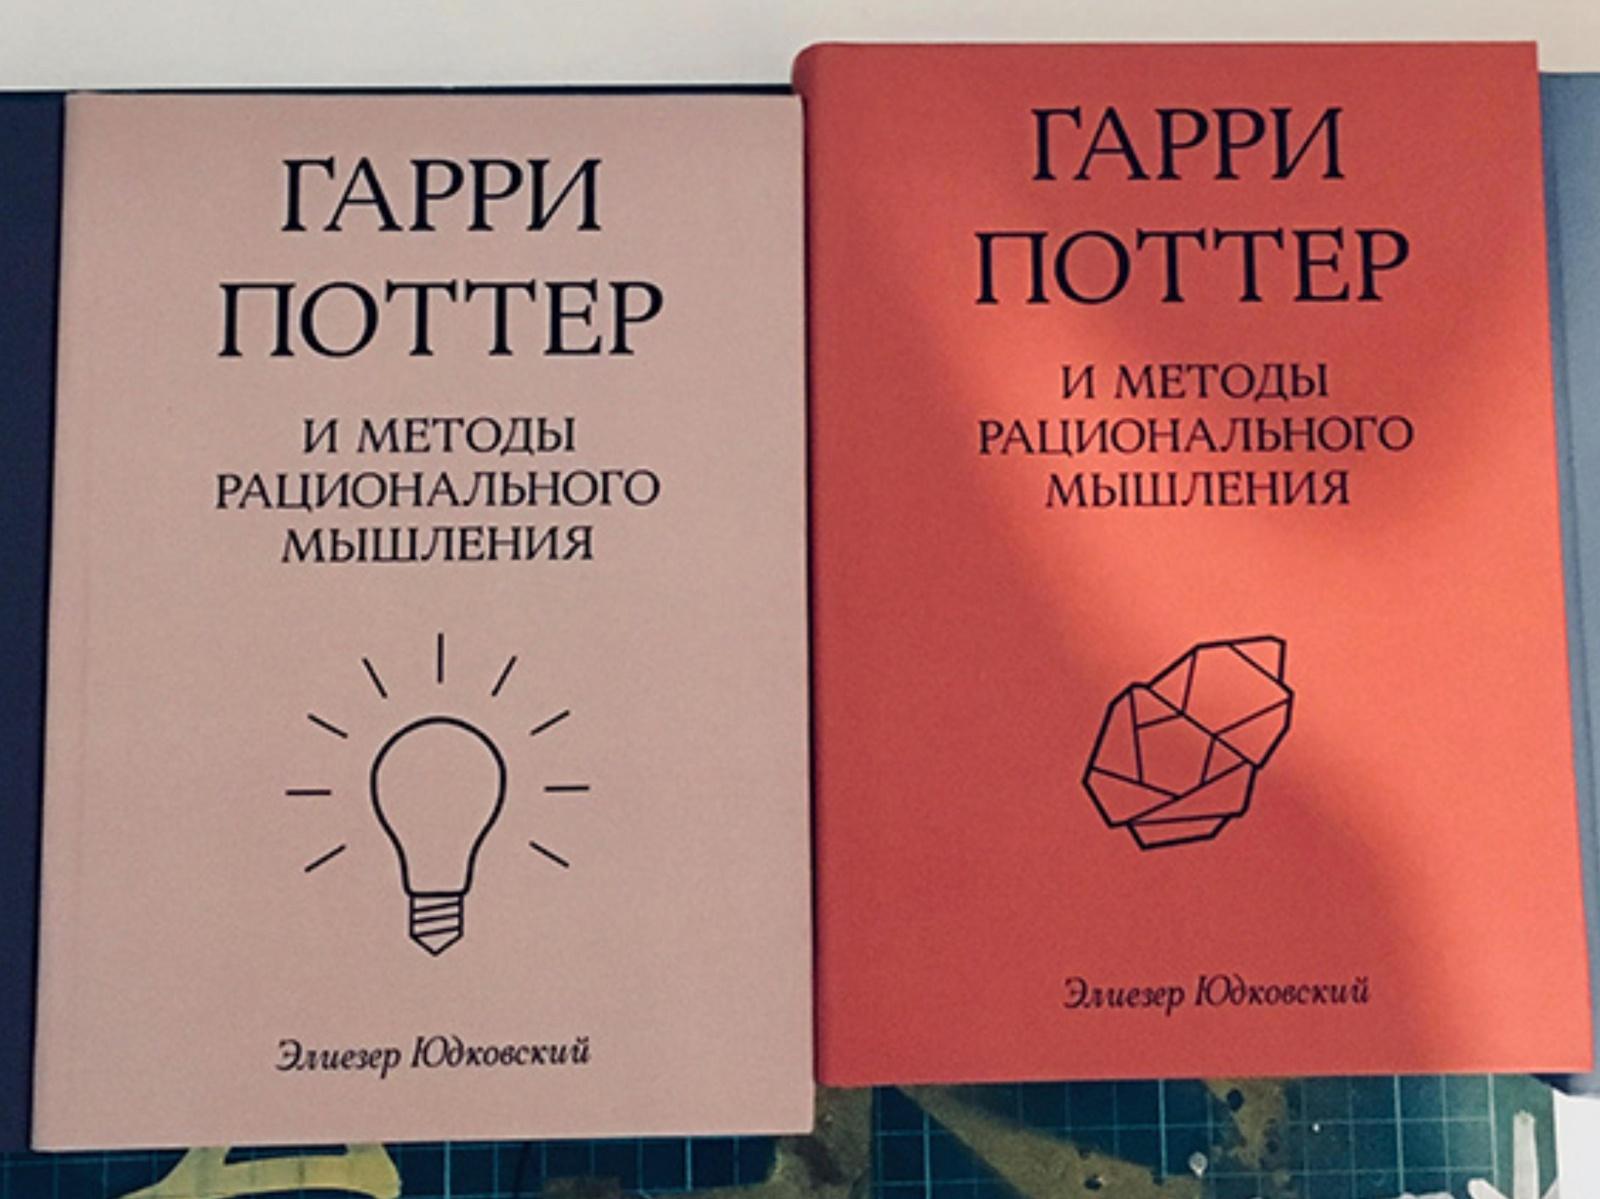 Алексей Каптерев: Критическое мышление 101 (часть 2) - 27